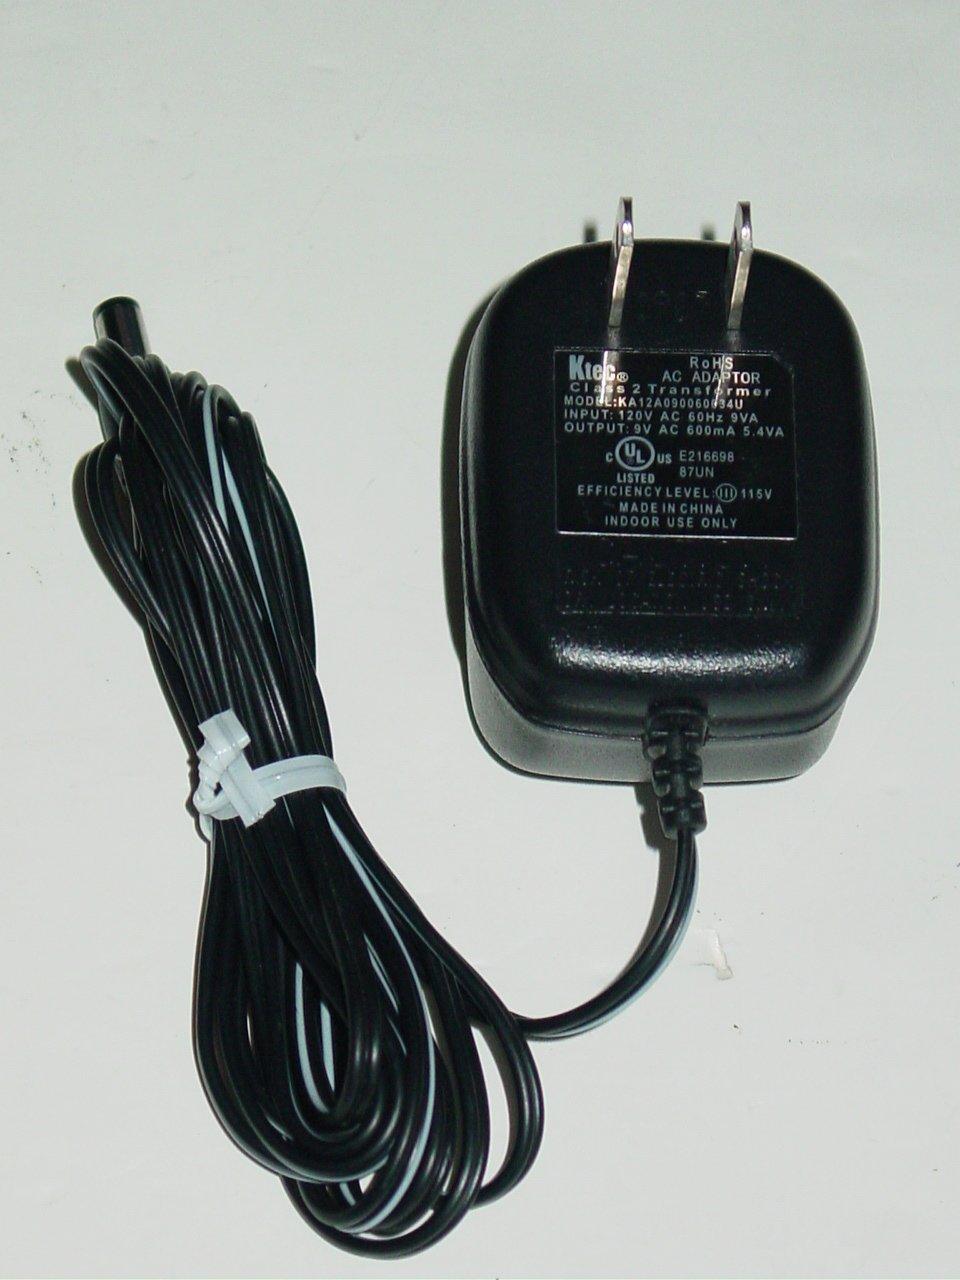 Ktec KA12A090060034U AC Adapter 9VAC 600mA